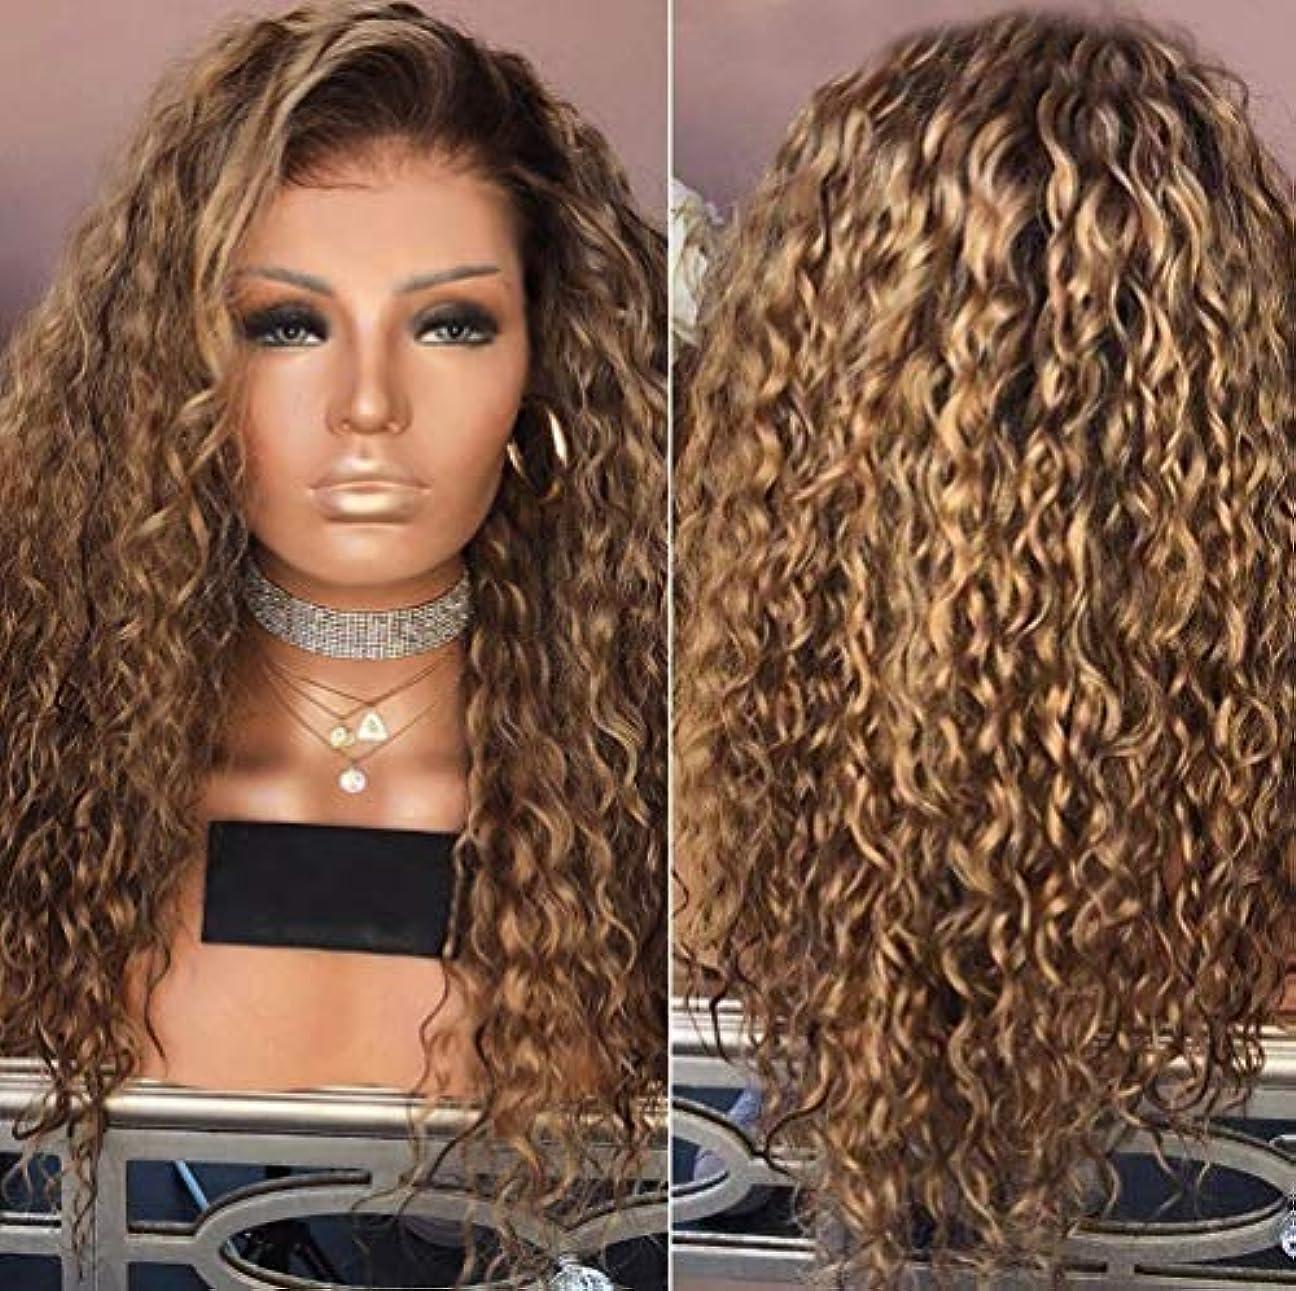 機密うめきおそらく女性カーリーブラジルウィッグ実体波ナチュラルカラーブラジル実体波かつらブラウン65 cm